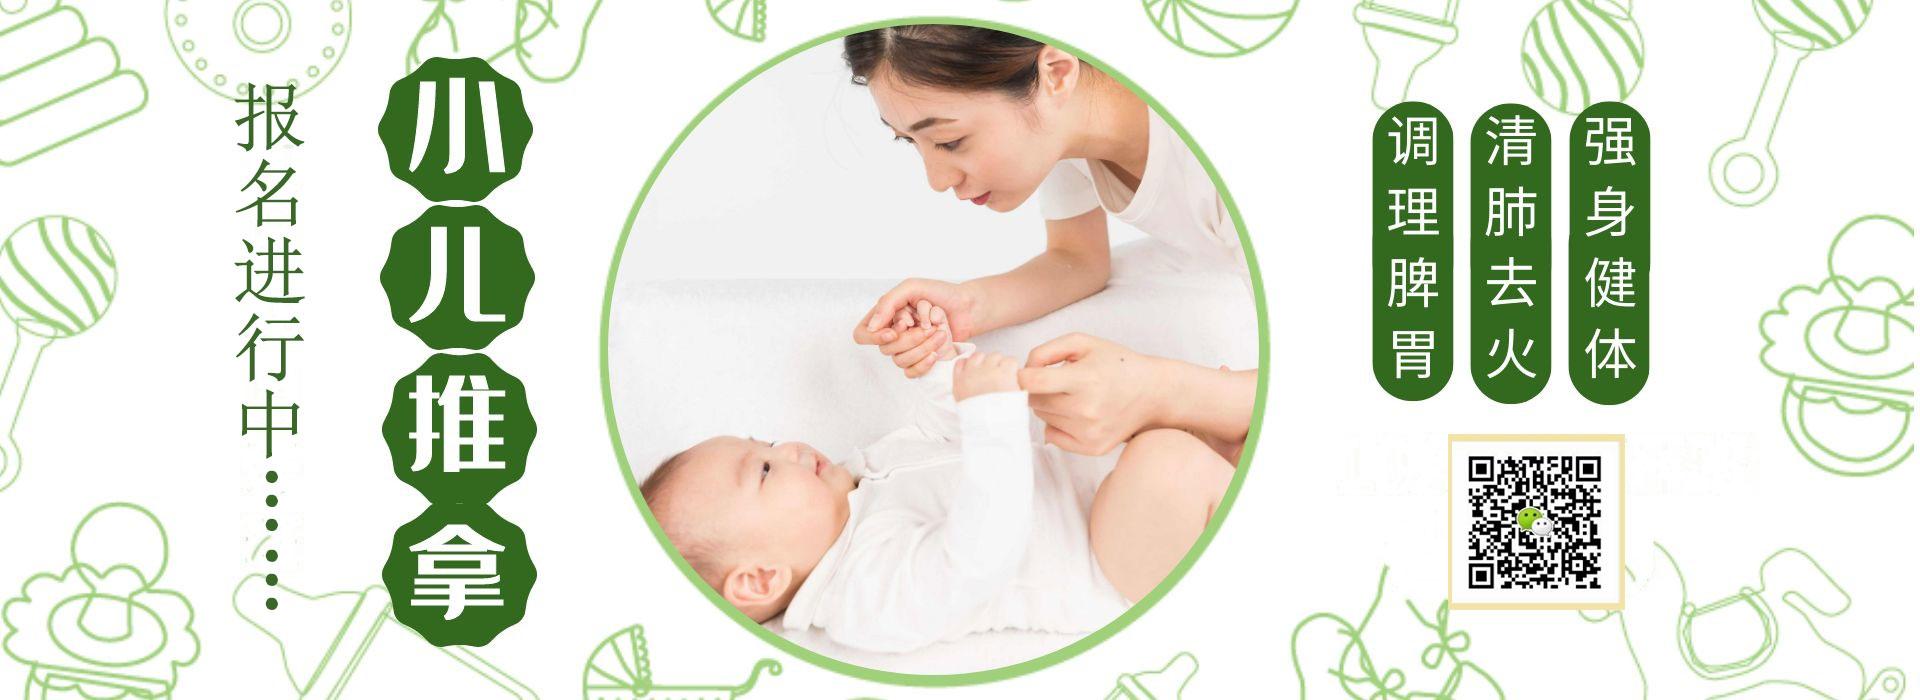 2020年育婴师培训